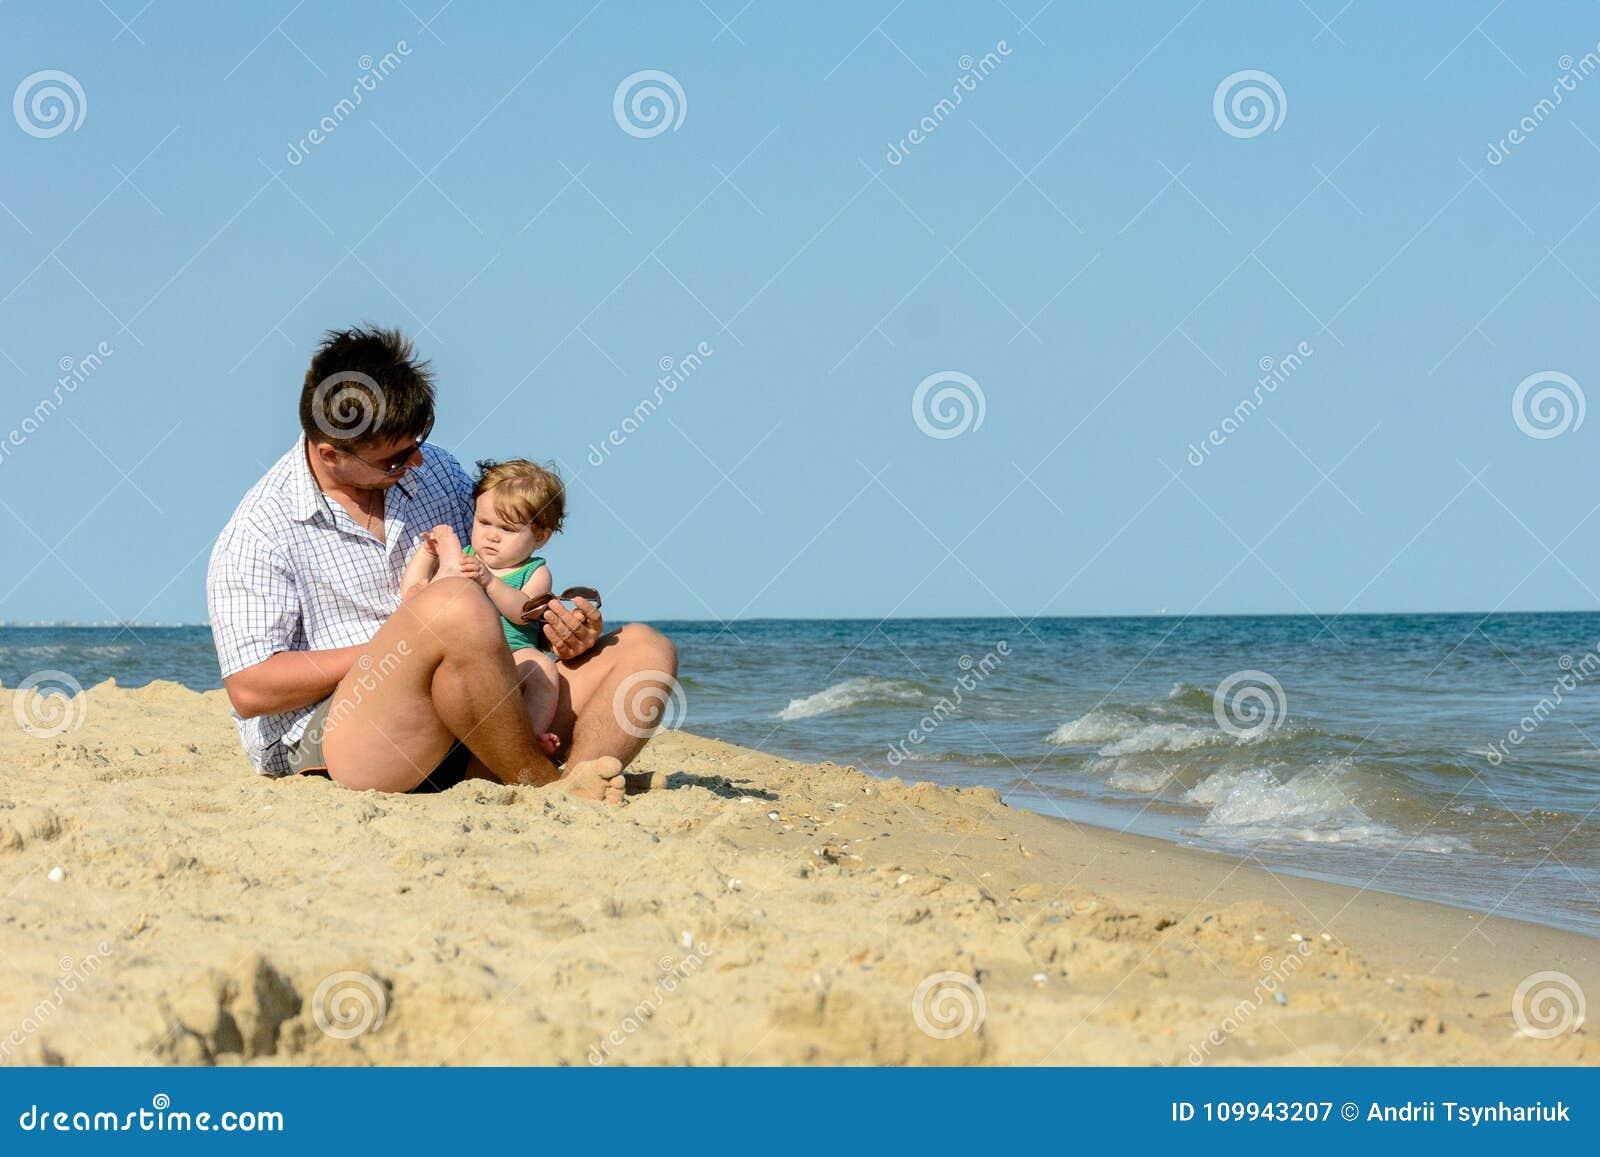 Een vader met een kleine dochter zit op het strand bij de achtergrond van het overzees